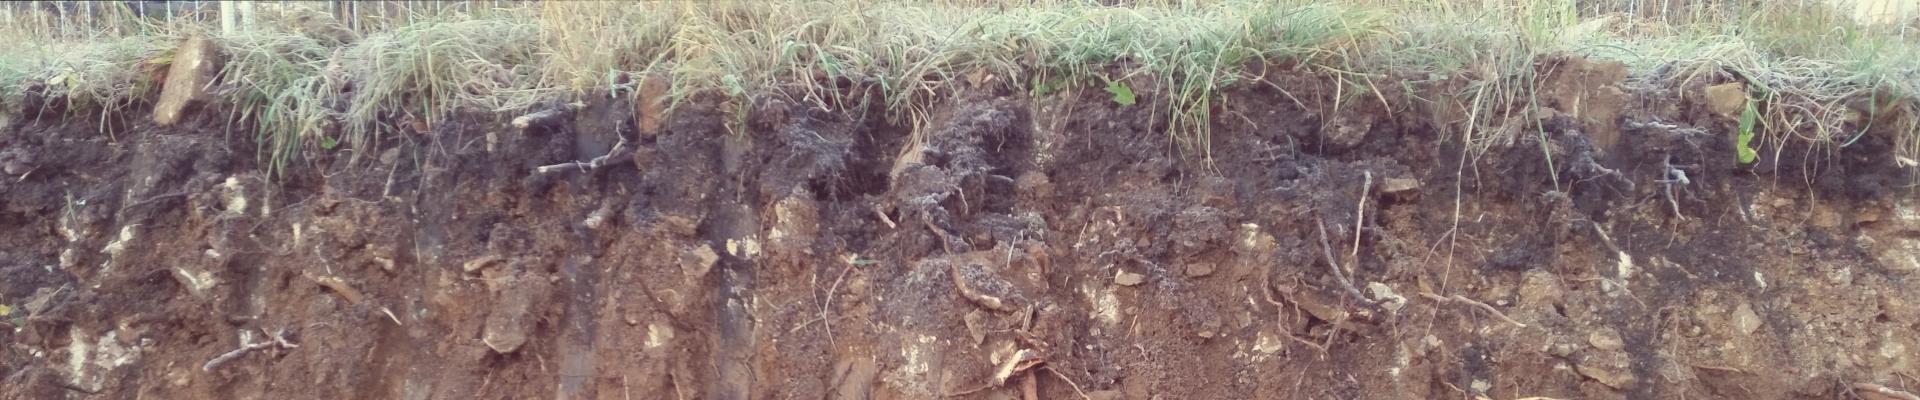 Homogenbereiche des Bodens